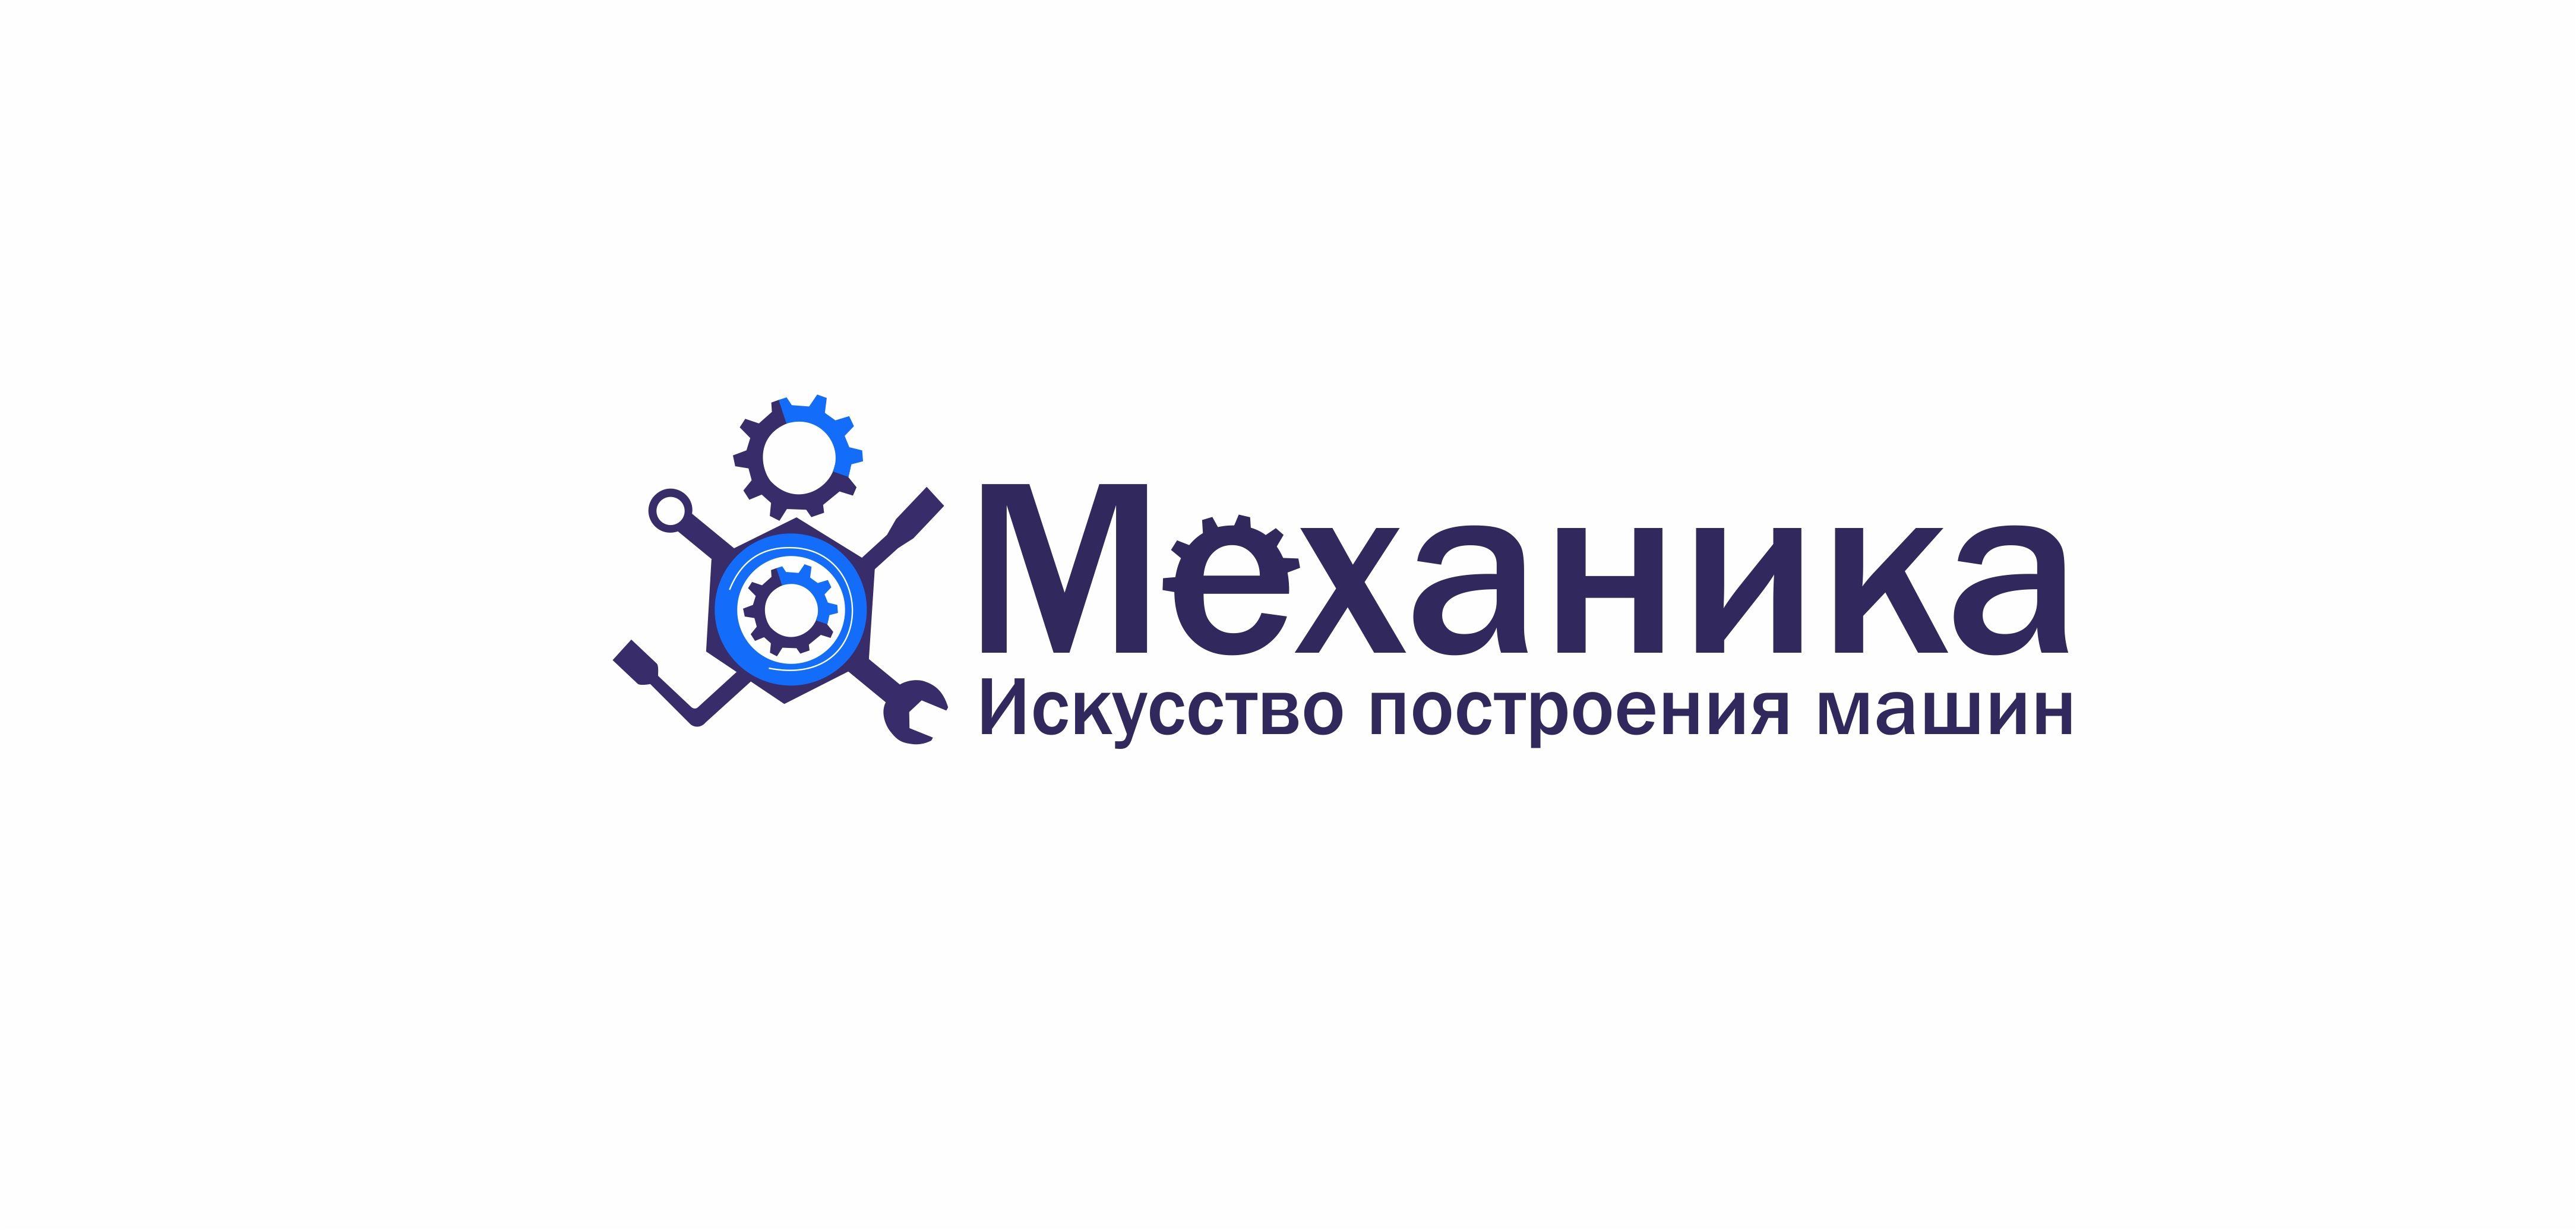 Логотип для магазина автозапчасти 'Механика' - дизайнер oksana123456